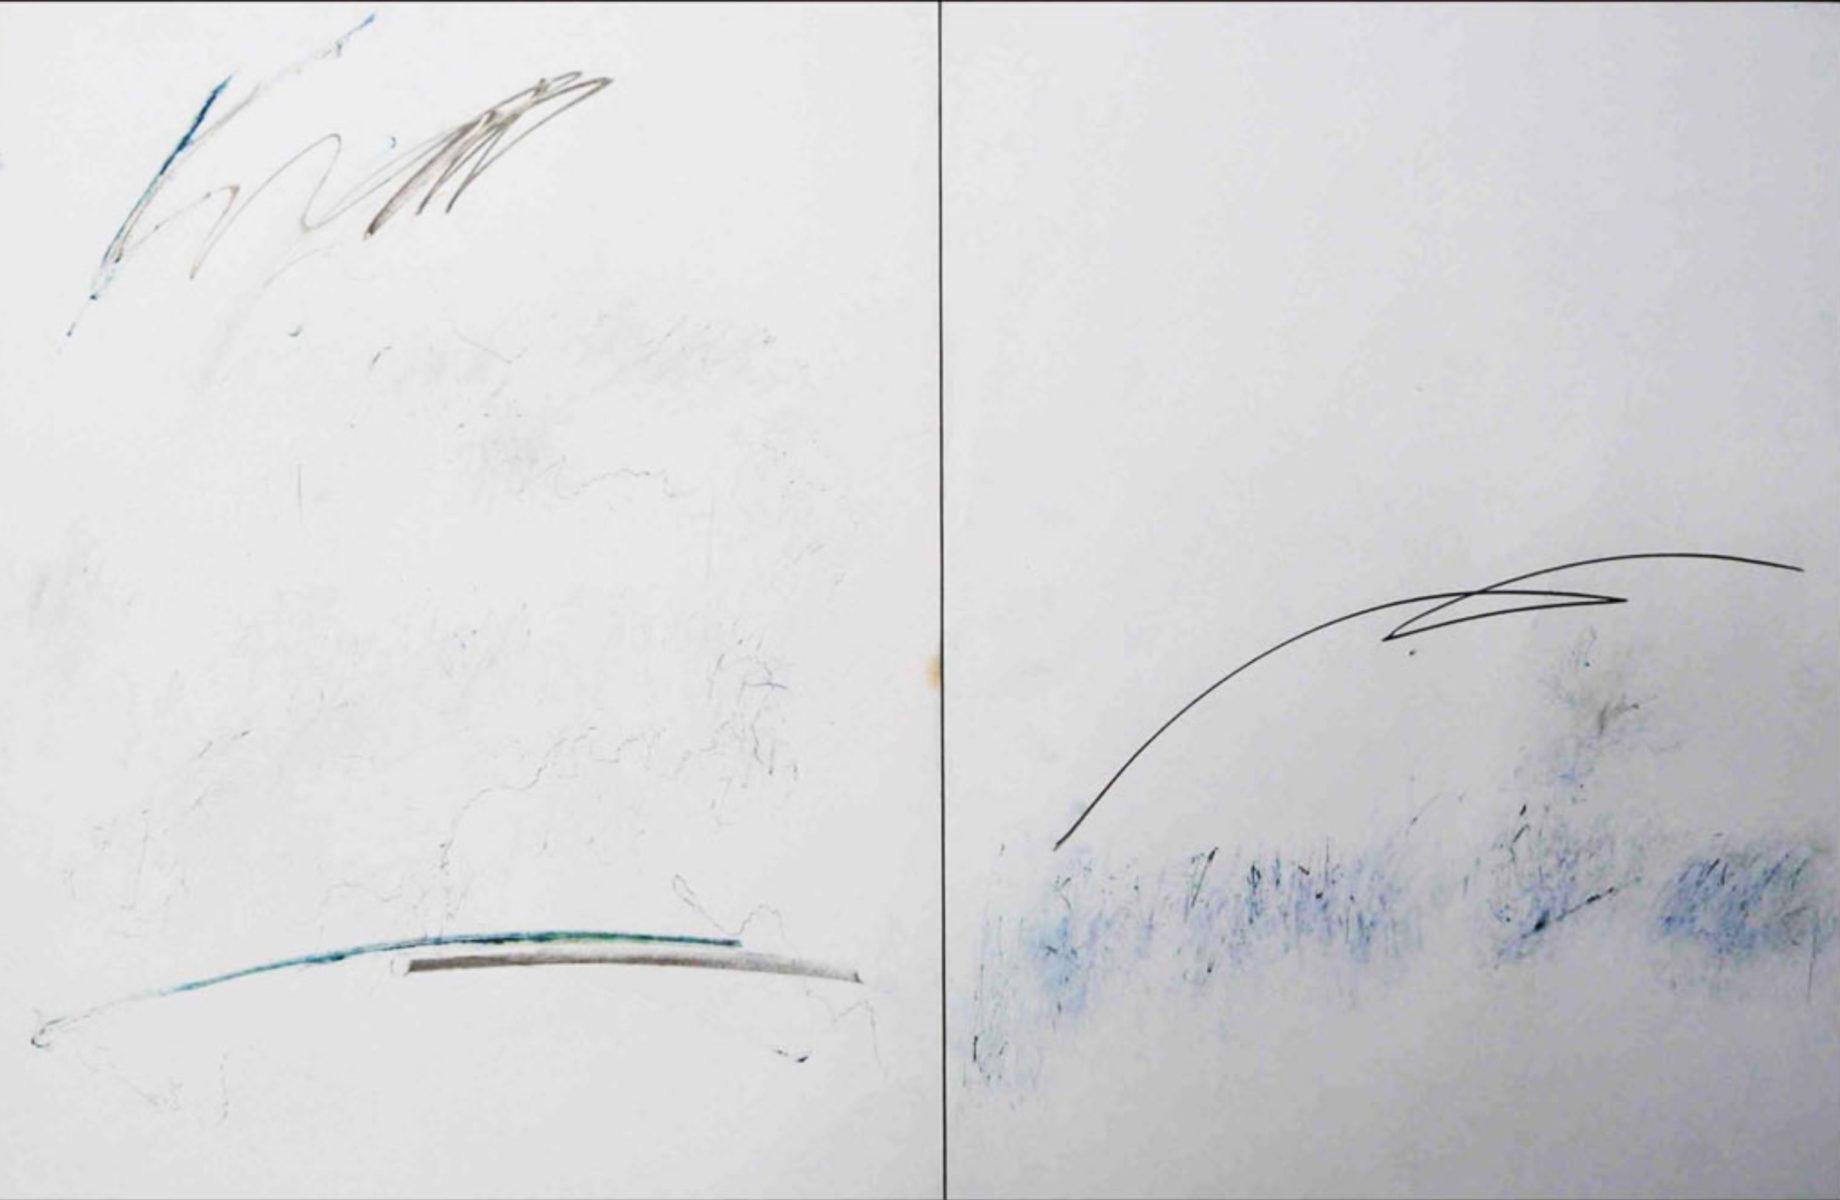 MARC FELD 2014 AU LOIN  Mine de plomb pigment et feutre sur papier 100 x 65 cm